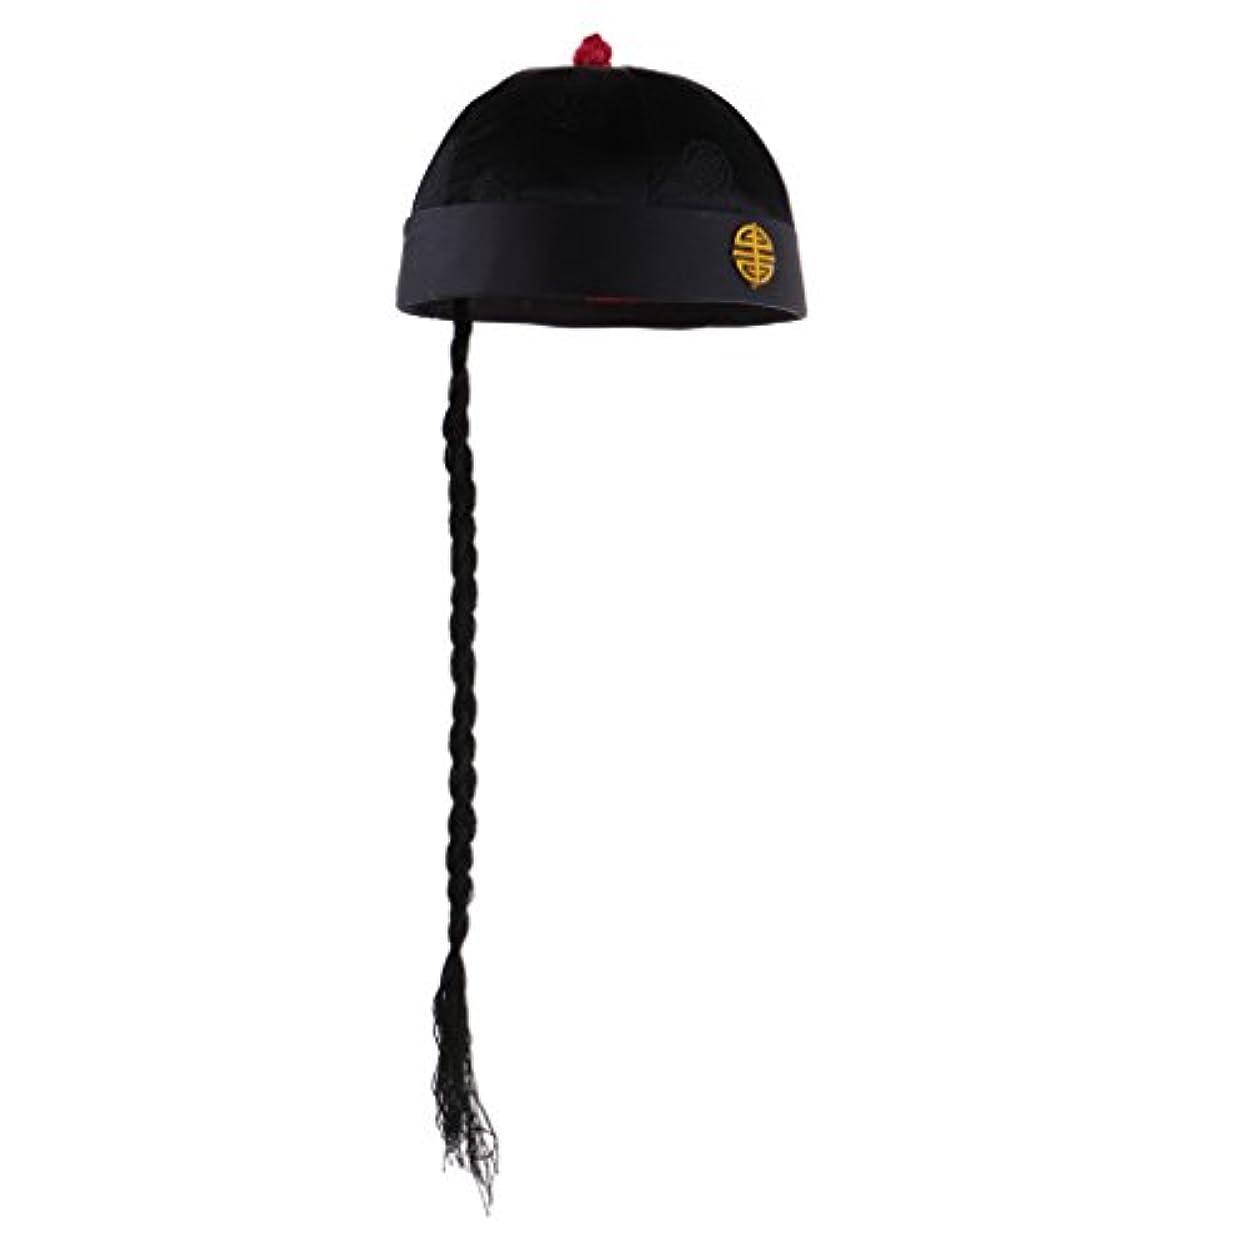 割り当てます多用途アクセサリー大人 子供適用 ハロウィーン 派手な衣装 シルク 帽子 中国 復古 伝統的な コスチューム 全5サイズ - 2-6歳